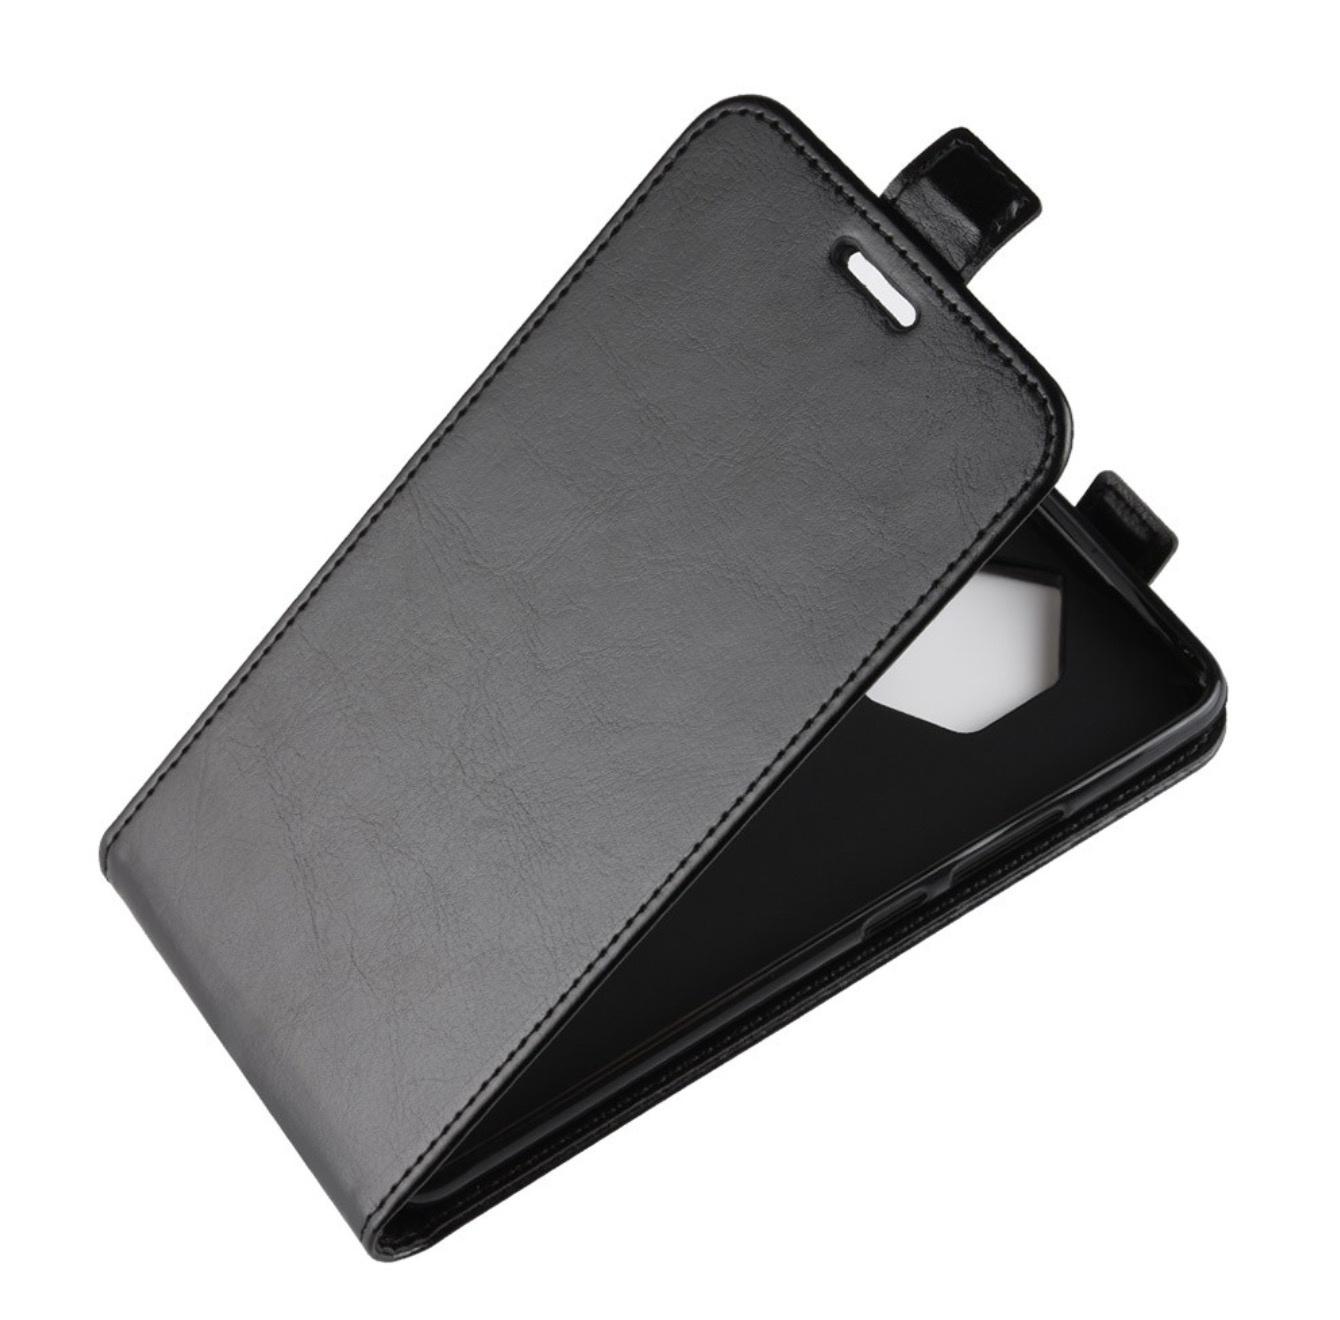 Чехол-флип MyPads для Lenovo Vibe C2 (K10A40) вертикальный откидной черный чехол для lenovo vibe c2 k10a40 skinbox 4people case черный